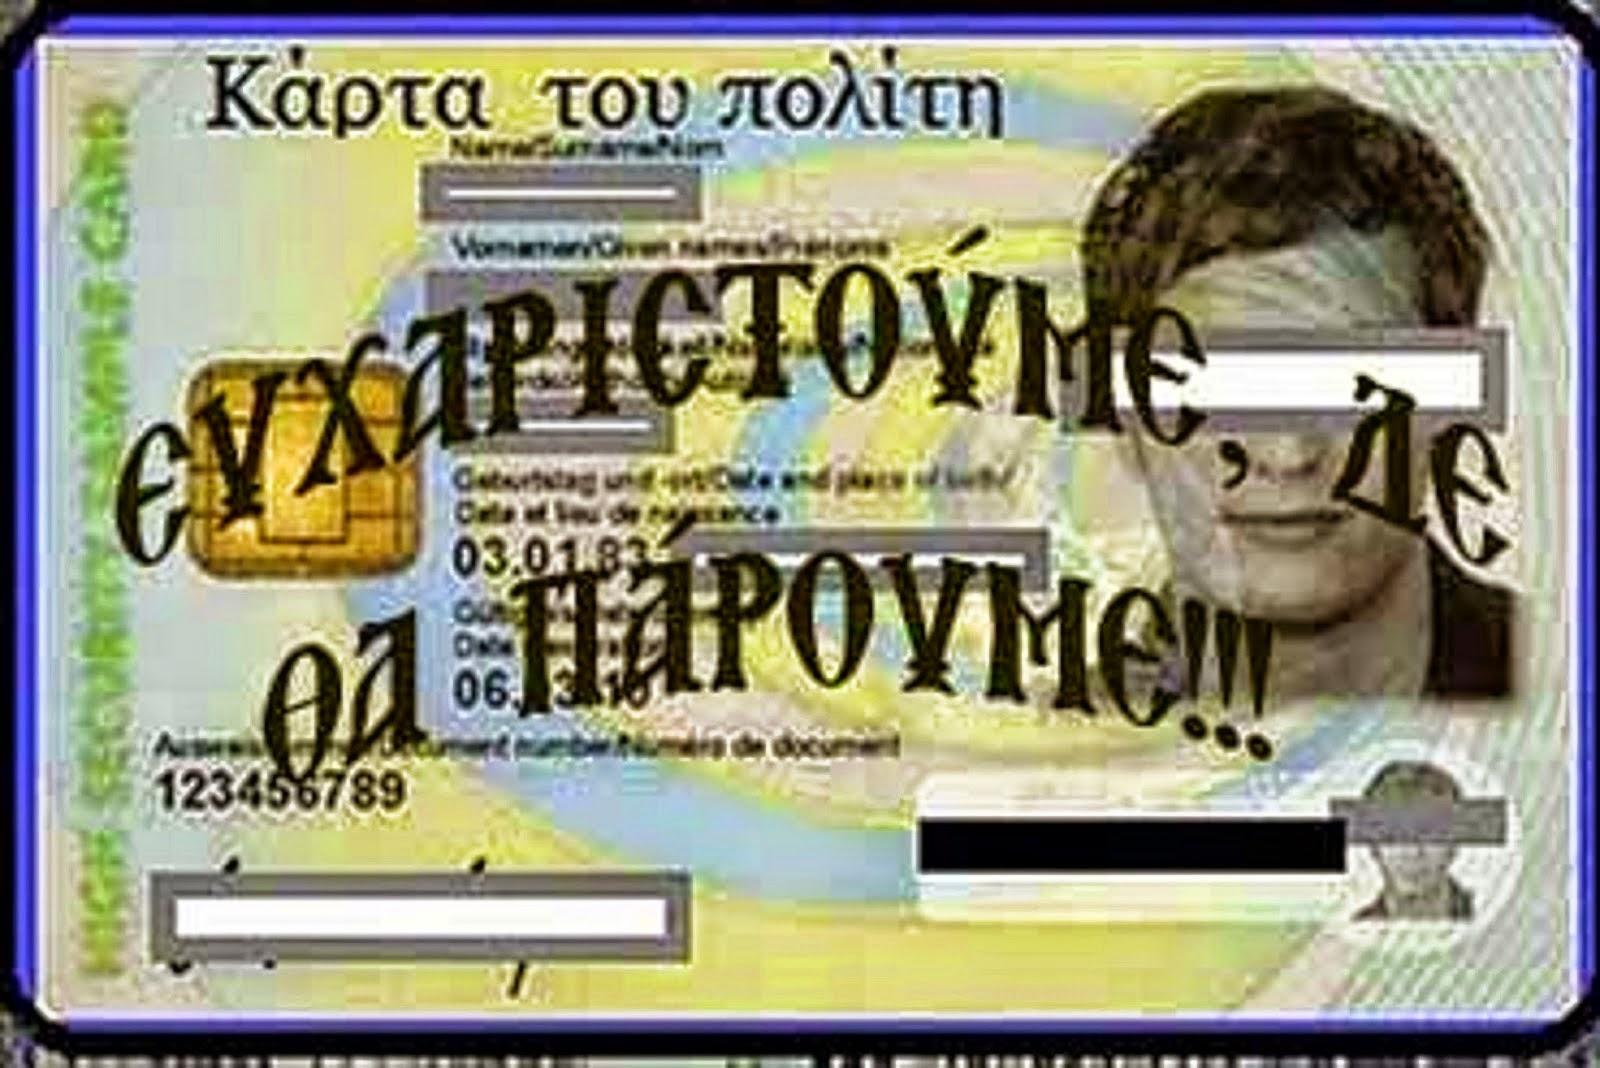 Αποτέλεσμα εικόνας για καρτα του πολιτη